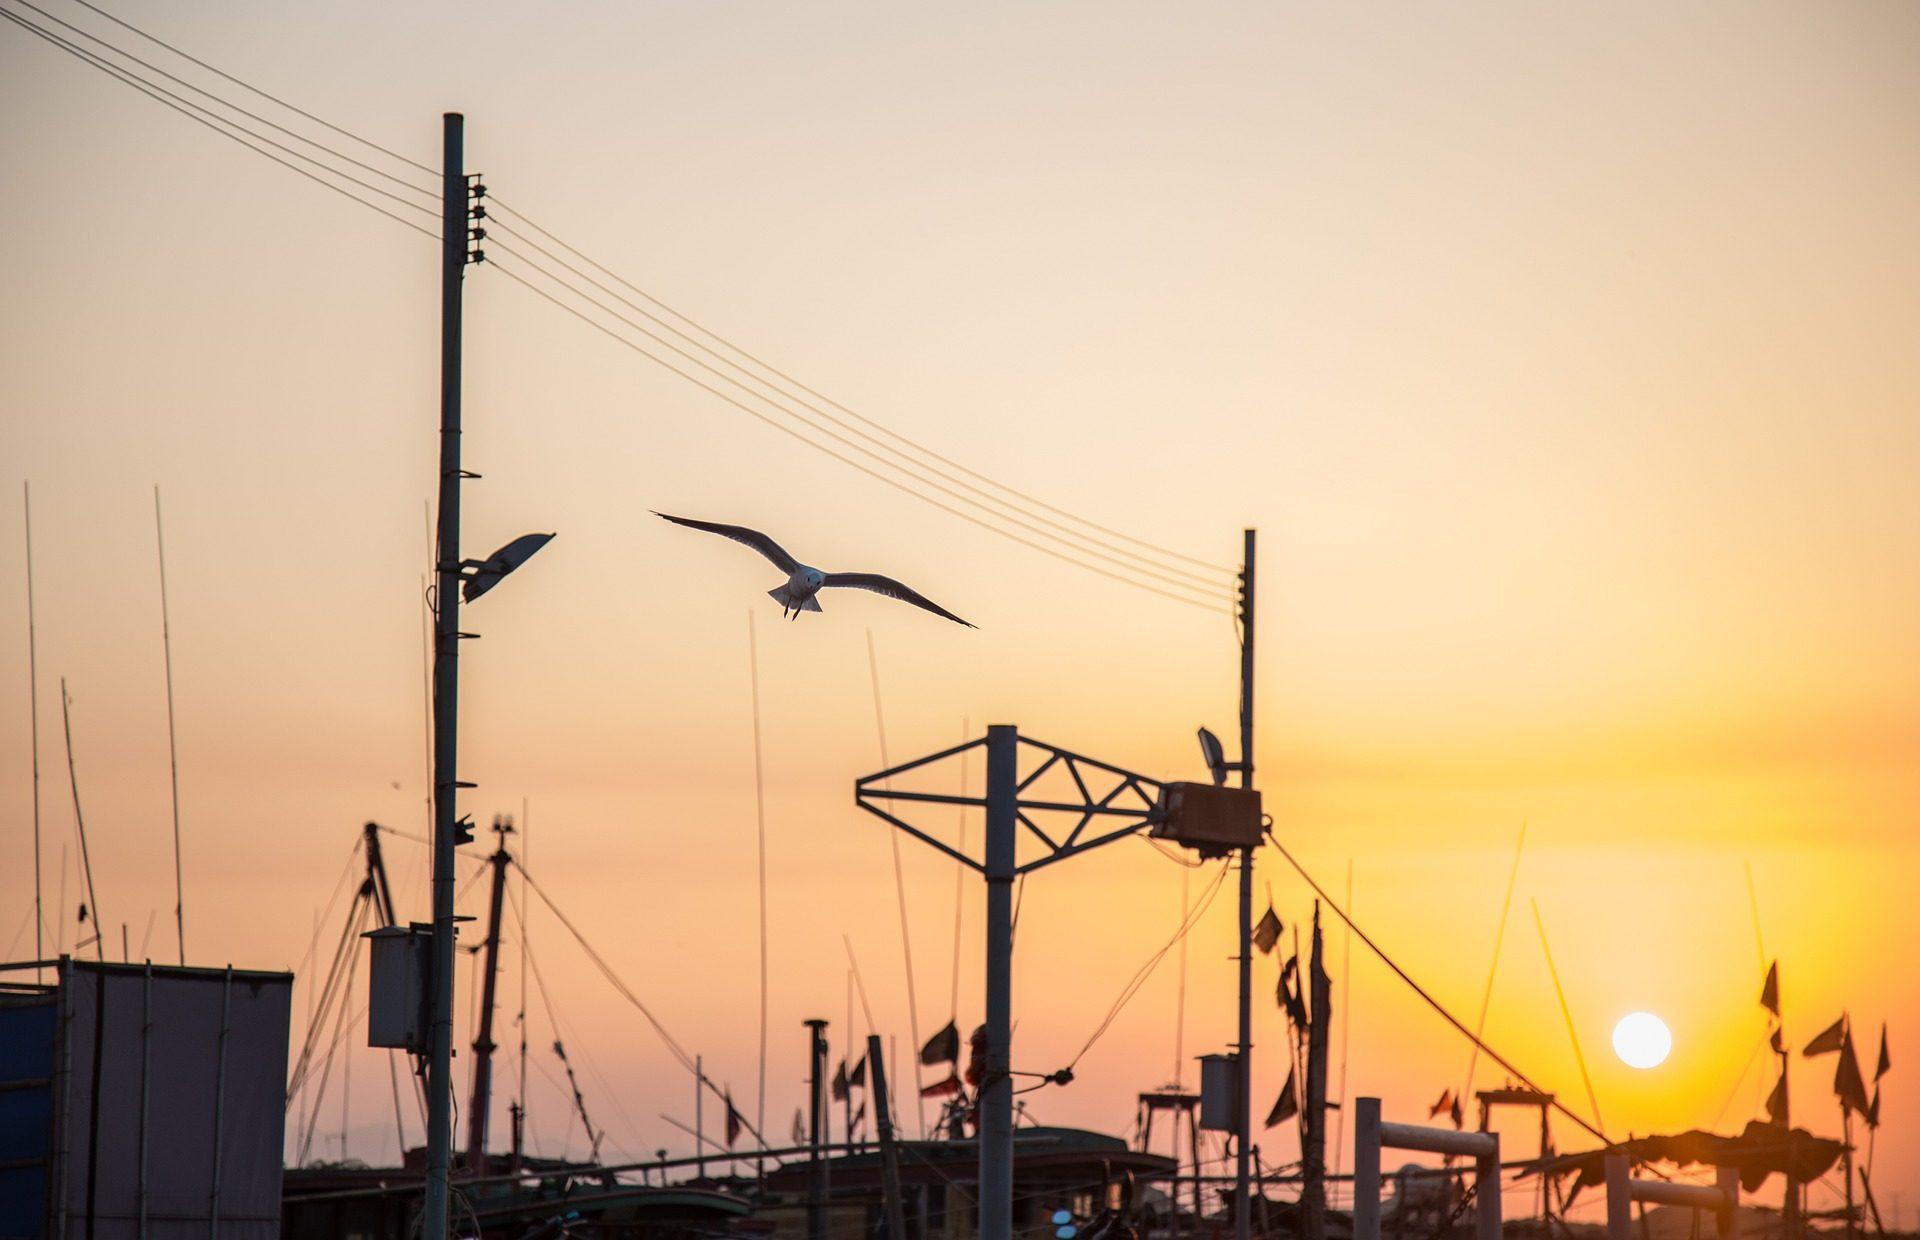 海鸥, 小船, 端口, 桅杆, 日落 - 高清壁纸 - 教授-falken.com